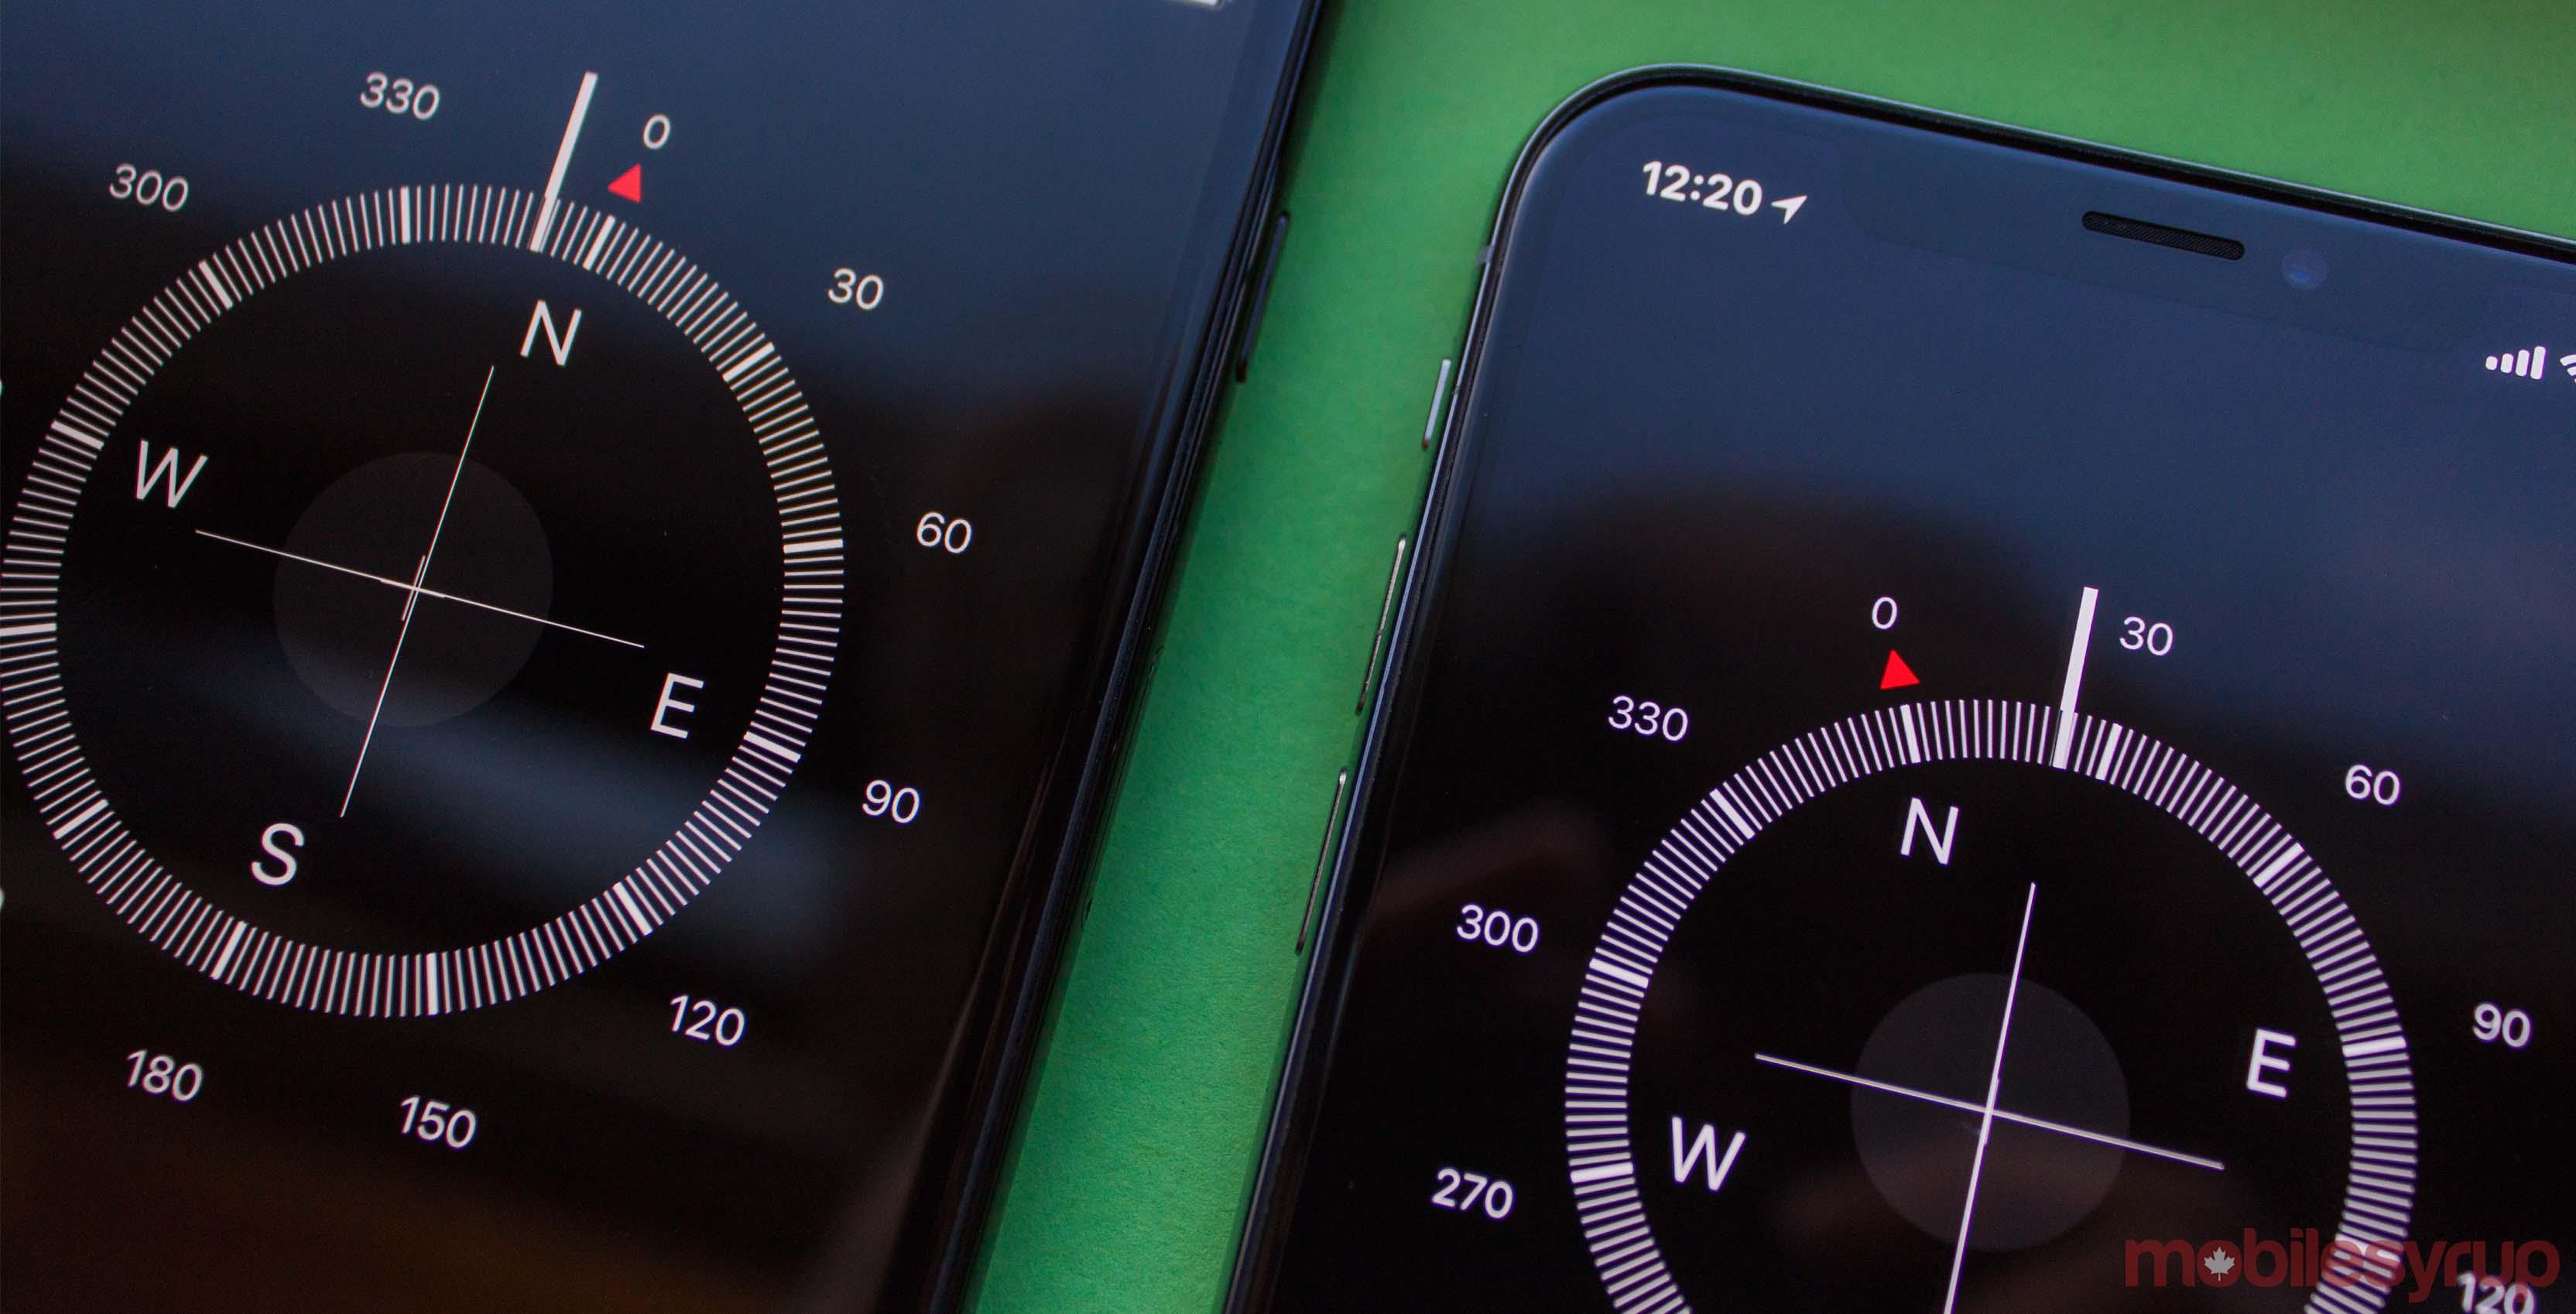 Sốc: LG hiện nay đã từ bỏ làm màn hình LCD cho iPhone 5